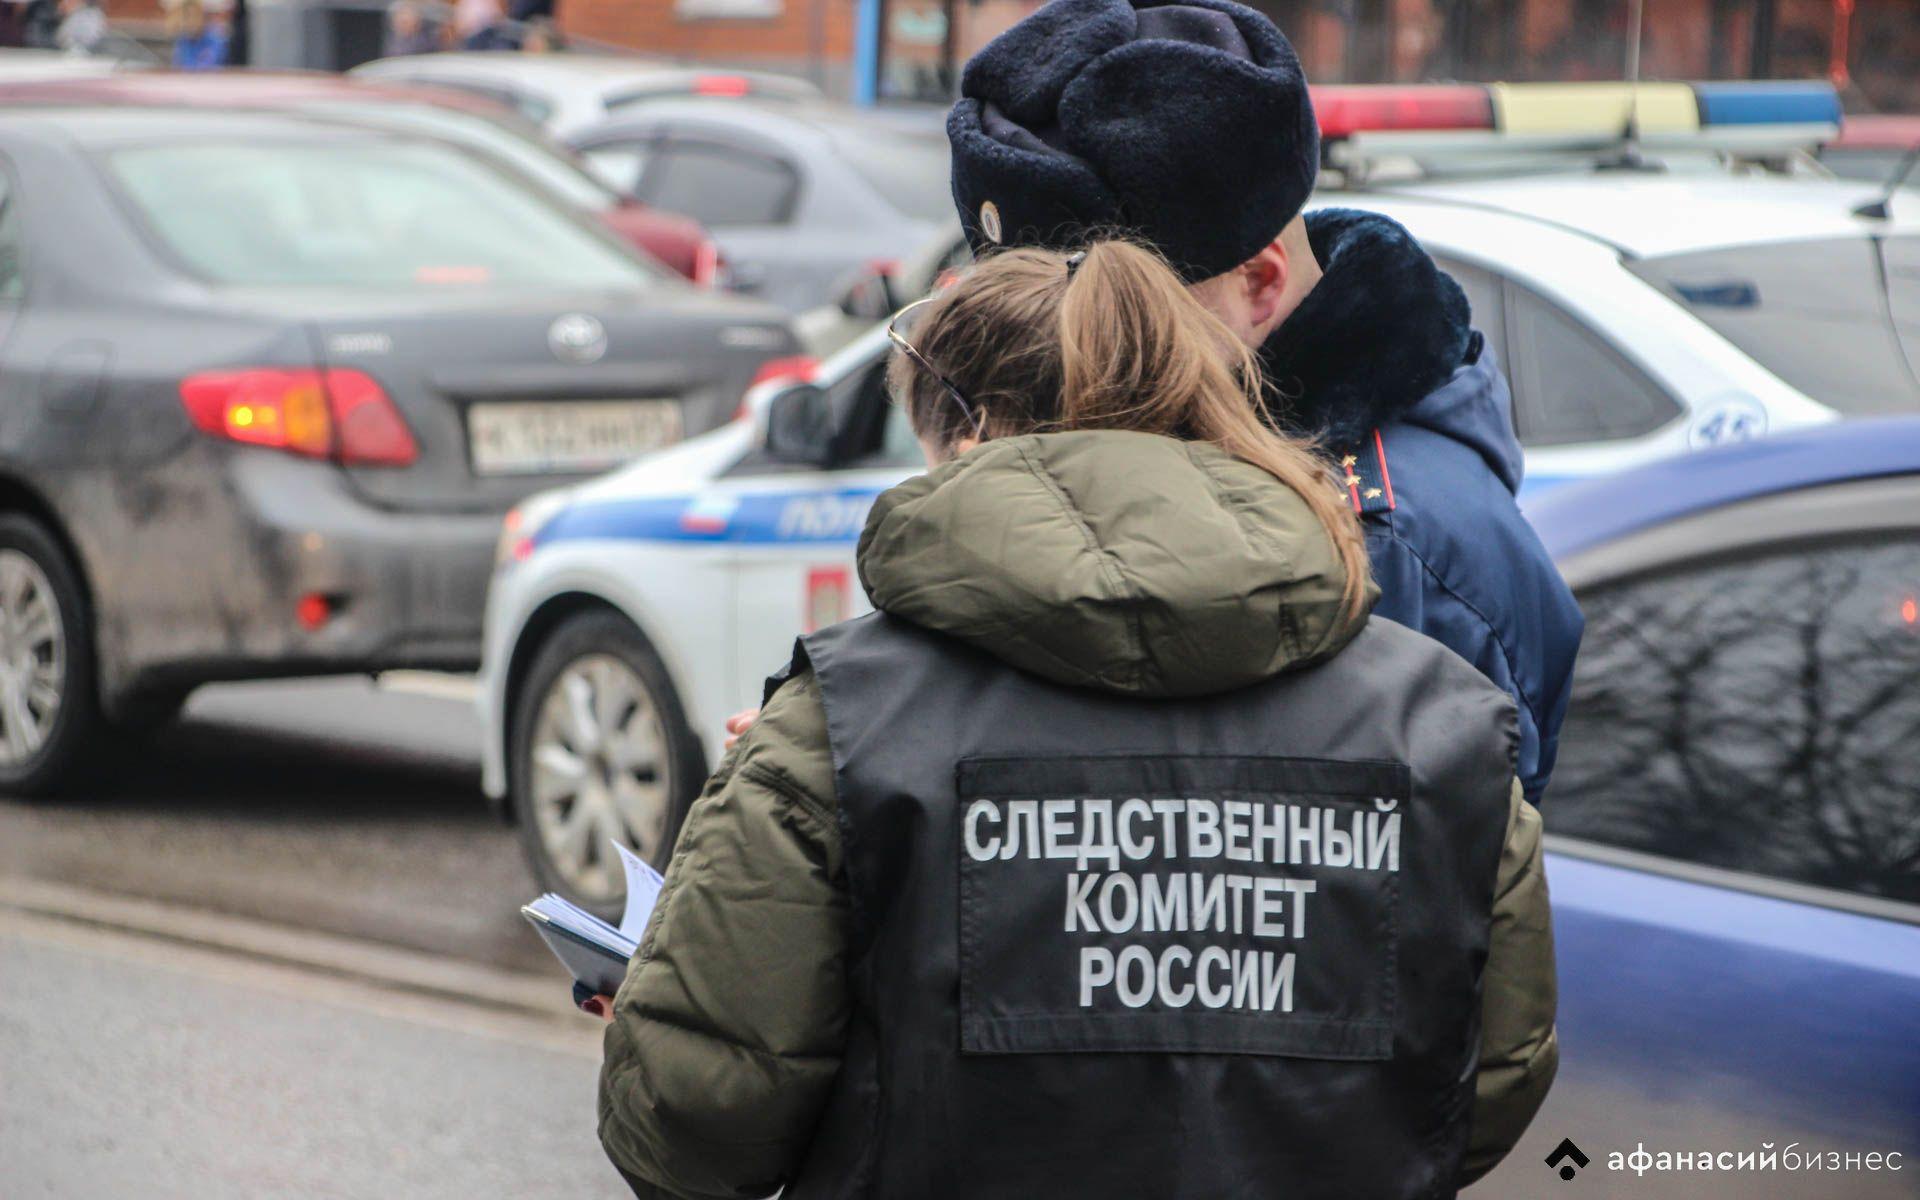 В Тверской области двое подростков угнали машину, чтобы покататься - новости Афанасий